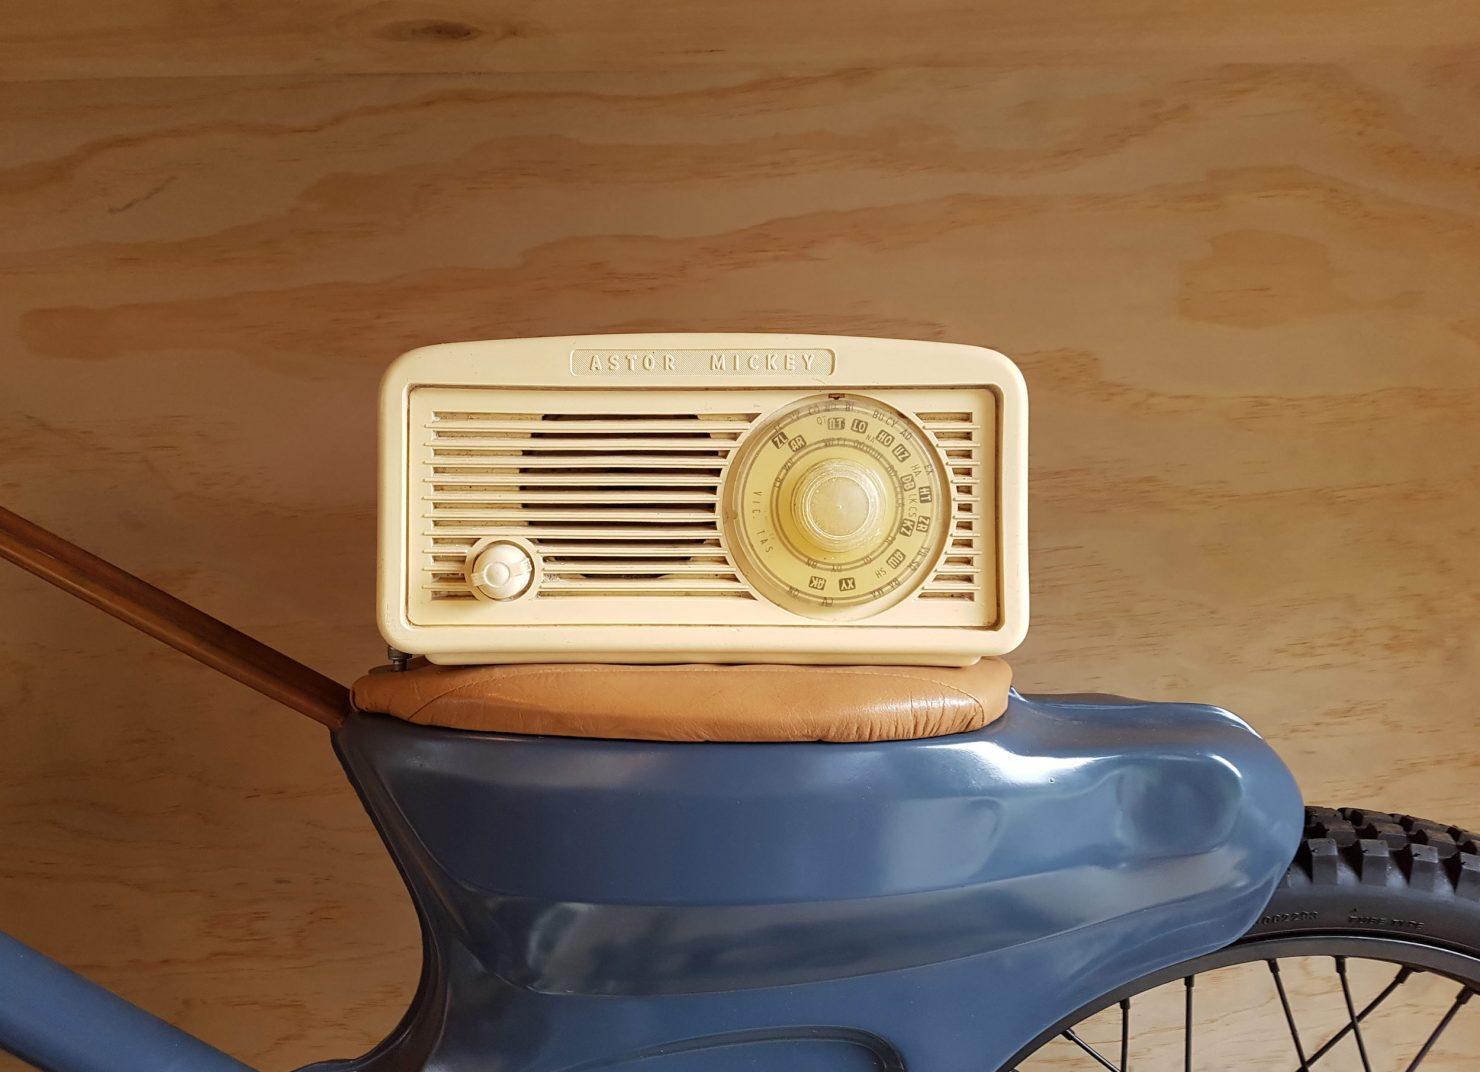 Boe Vintage Radio Bluetooth Speakers 3 1480x1072 - Boe Vintage Radio Bluetooth Speakers